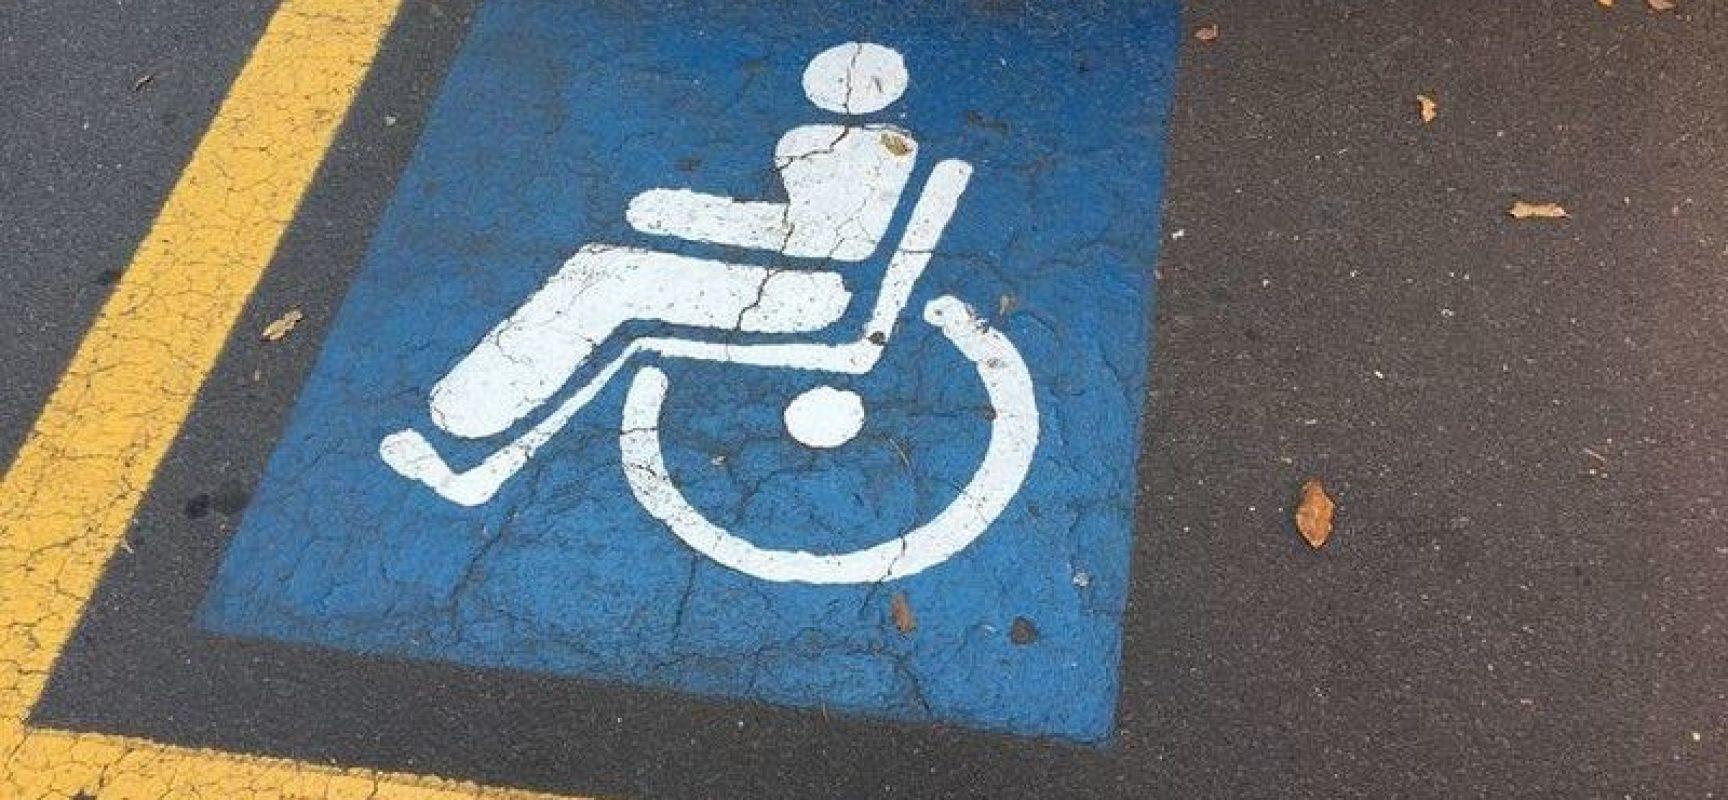 Stalli per disabili, commissione per la riassegnazione. Soddisfatta Luccasenzabarriere